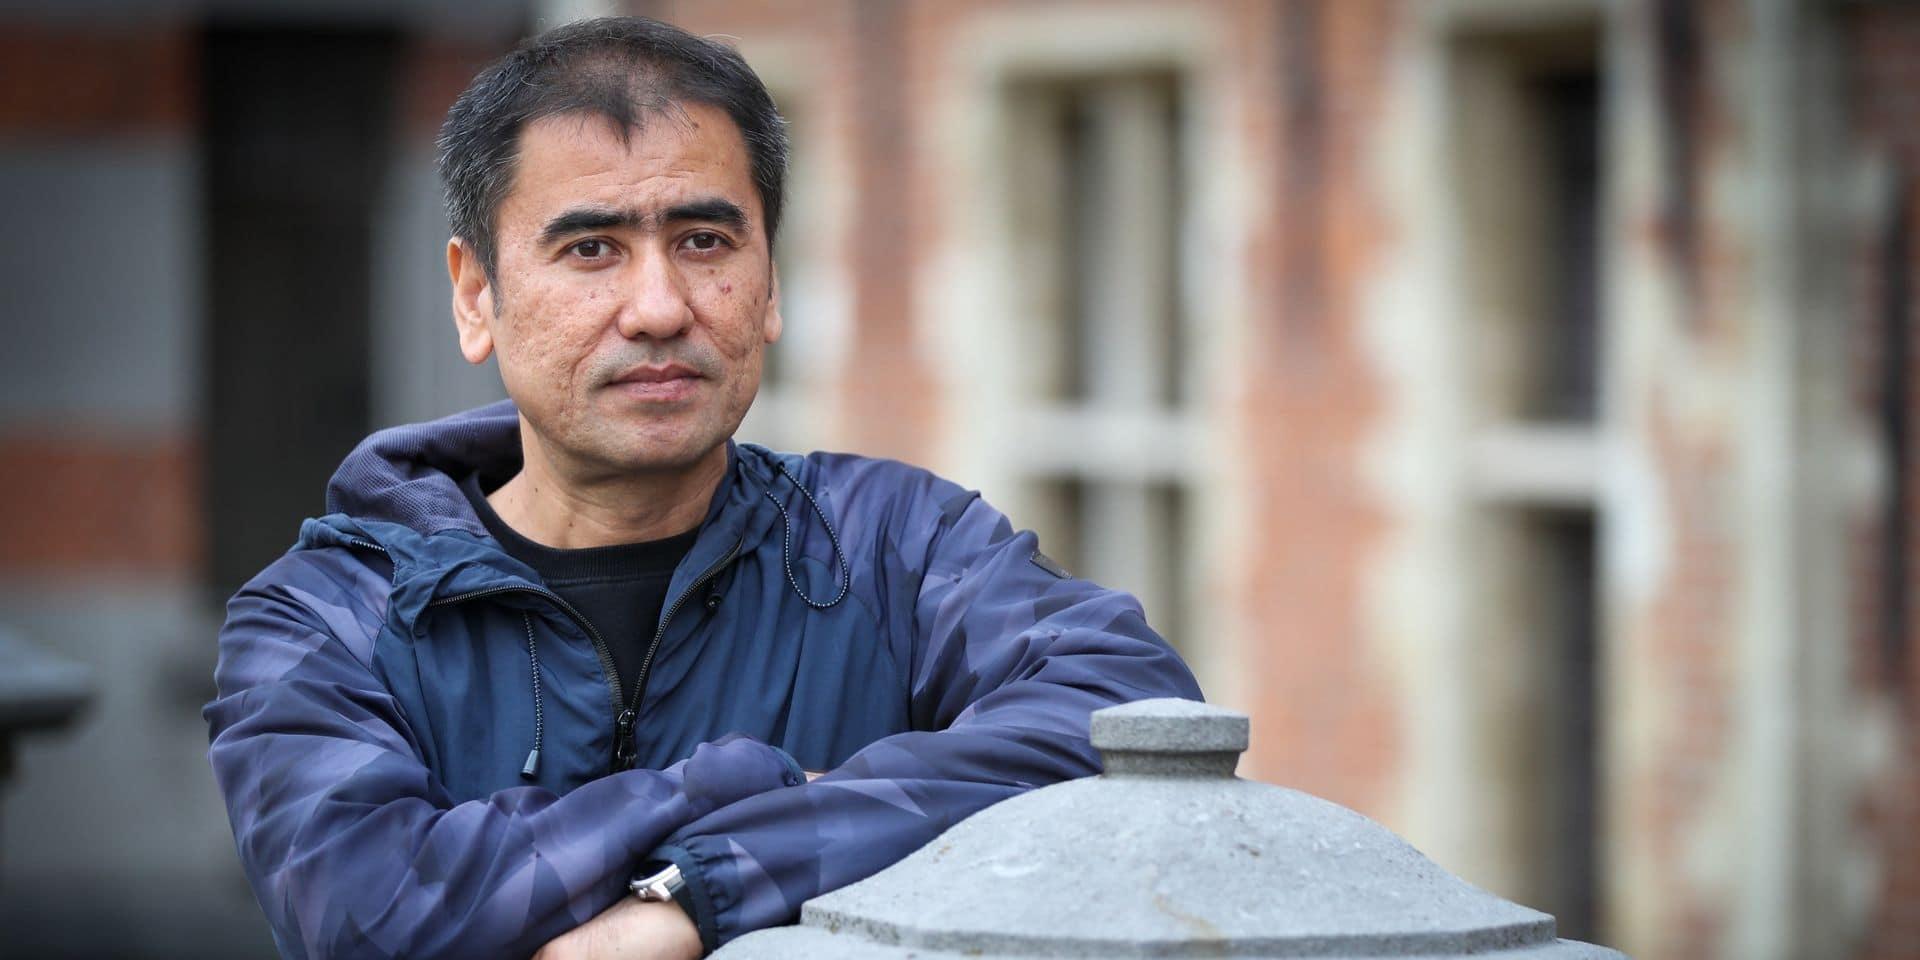 Ouïghour réfugié en Belgique, il n'a plus de contact direct, depuis un an, avec les membres de sa famille retenue en Chine